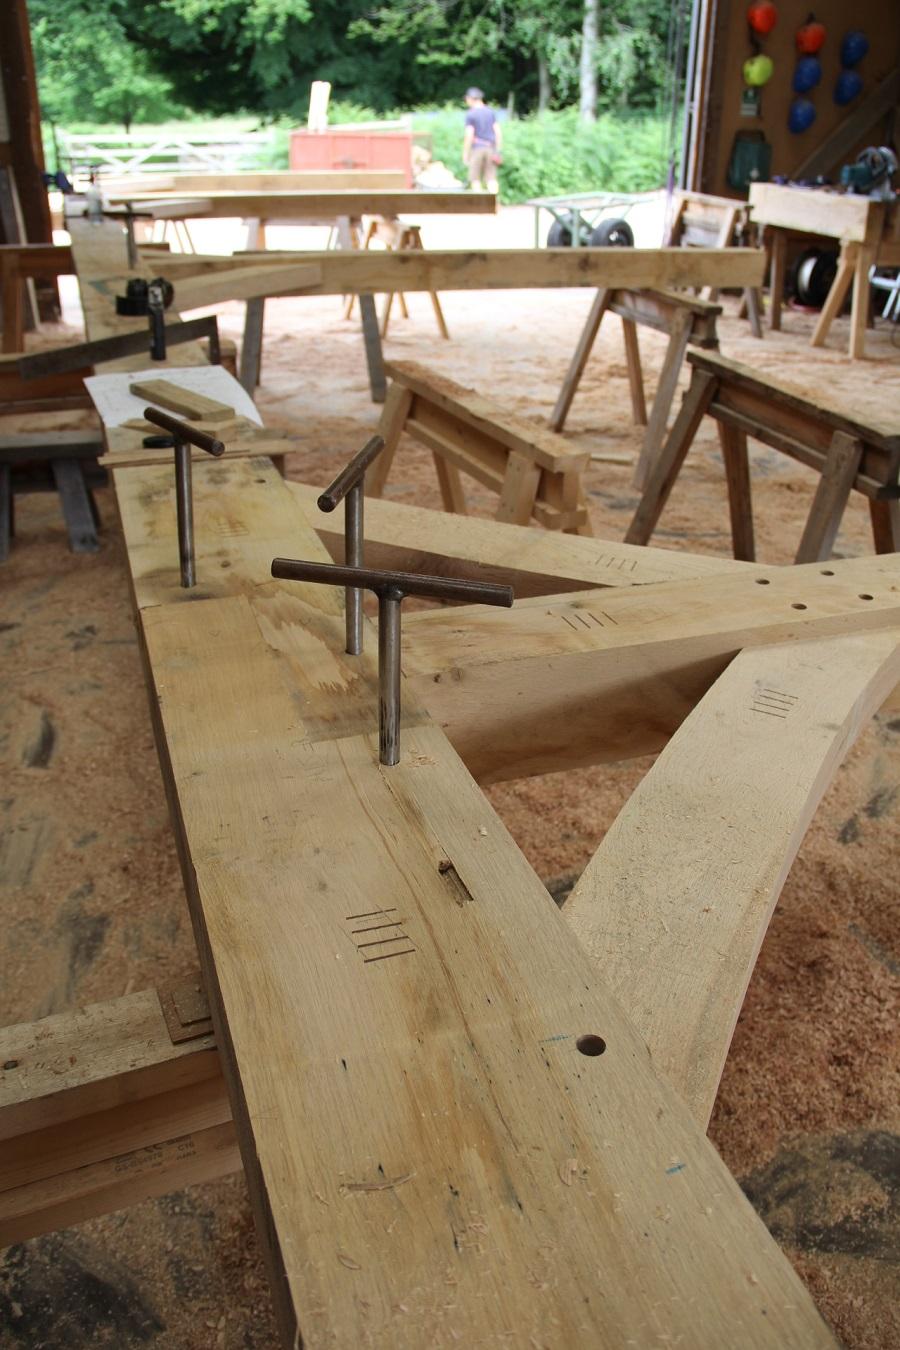 timber frame oak frame workshop